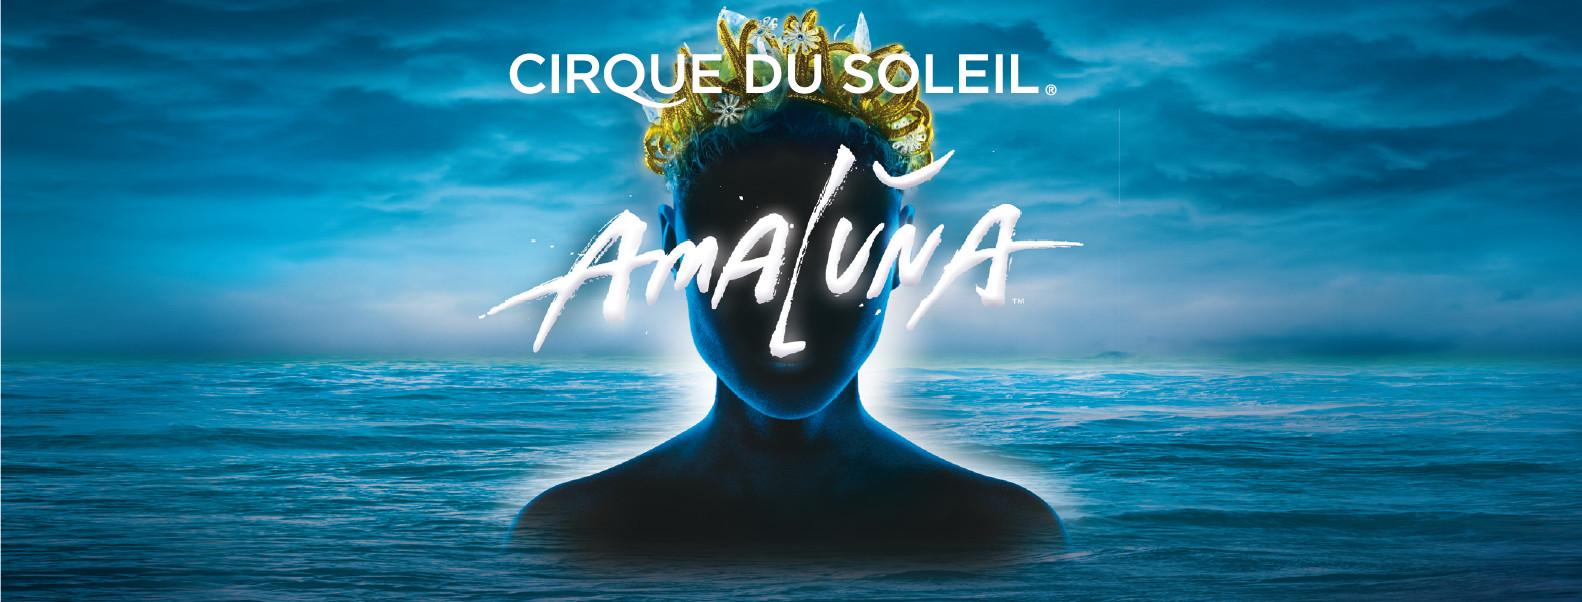 cirque-du-soleil-ticket